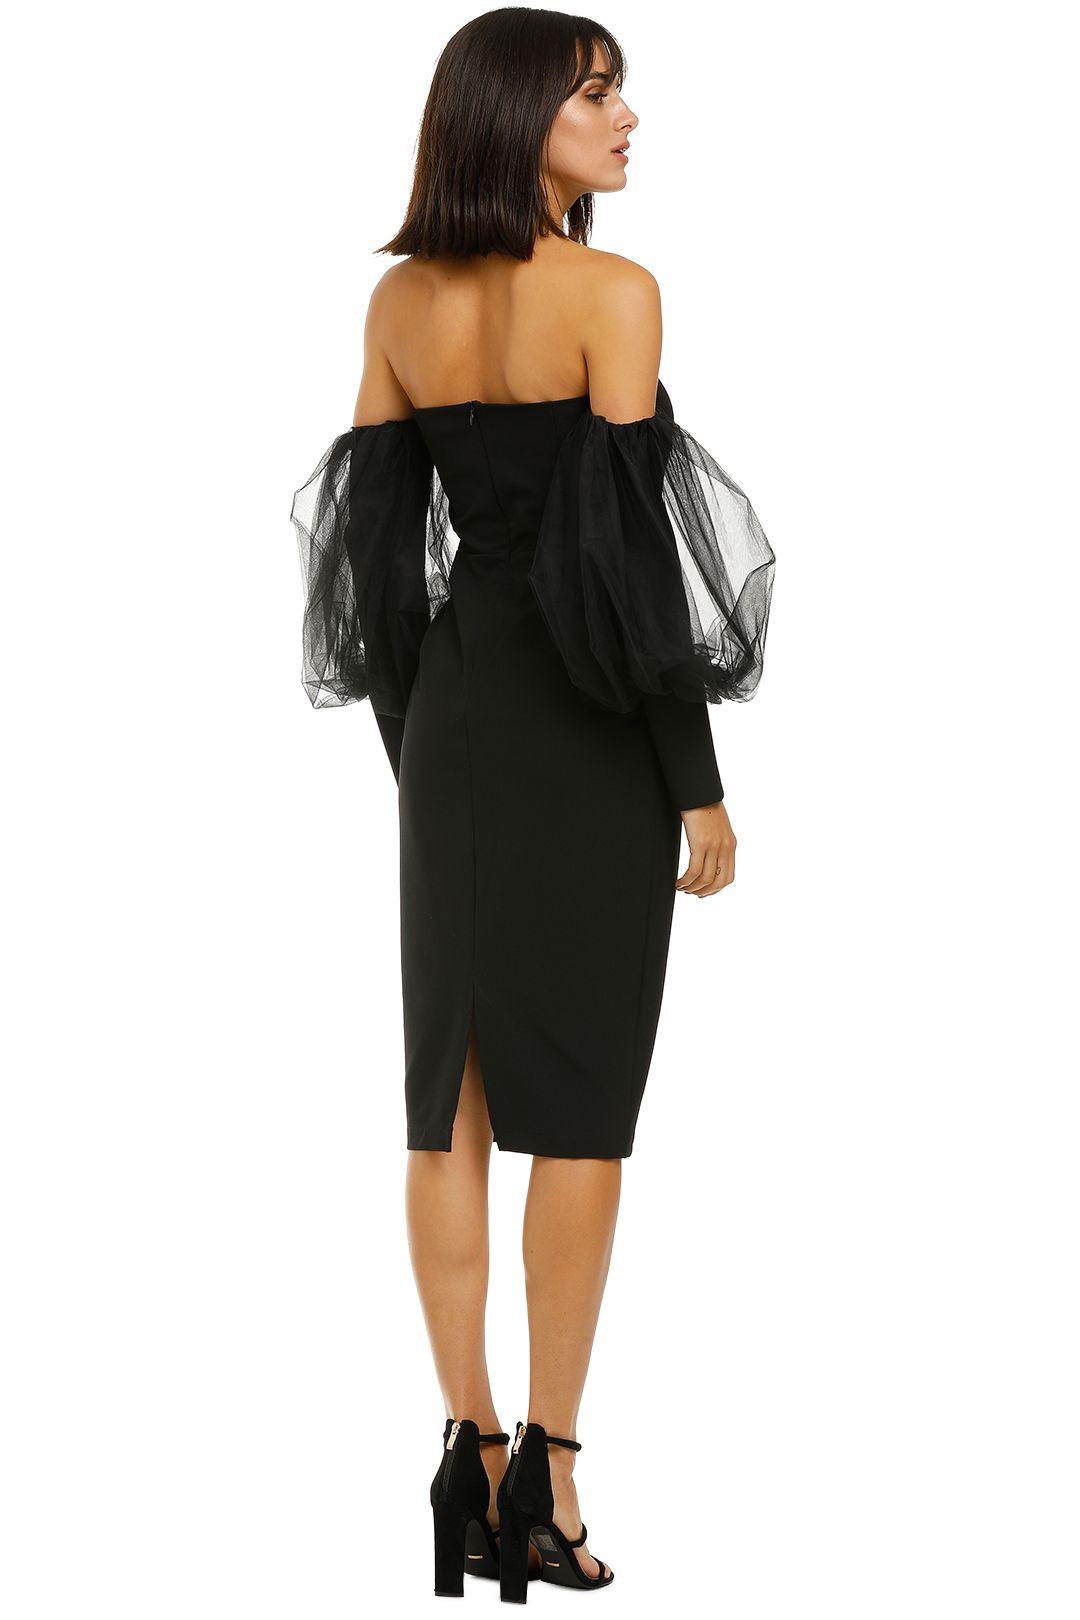 Bianca-and-Bridgett-Harper-Midi-Dress-Black-Back